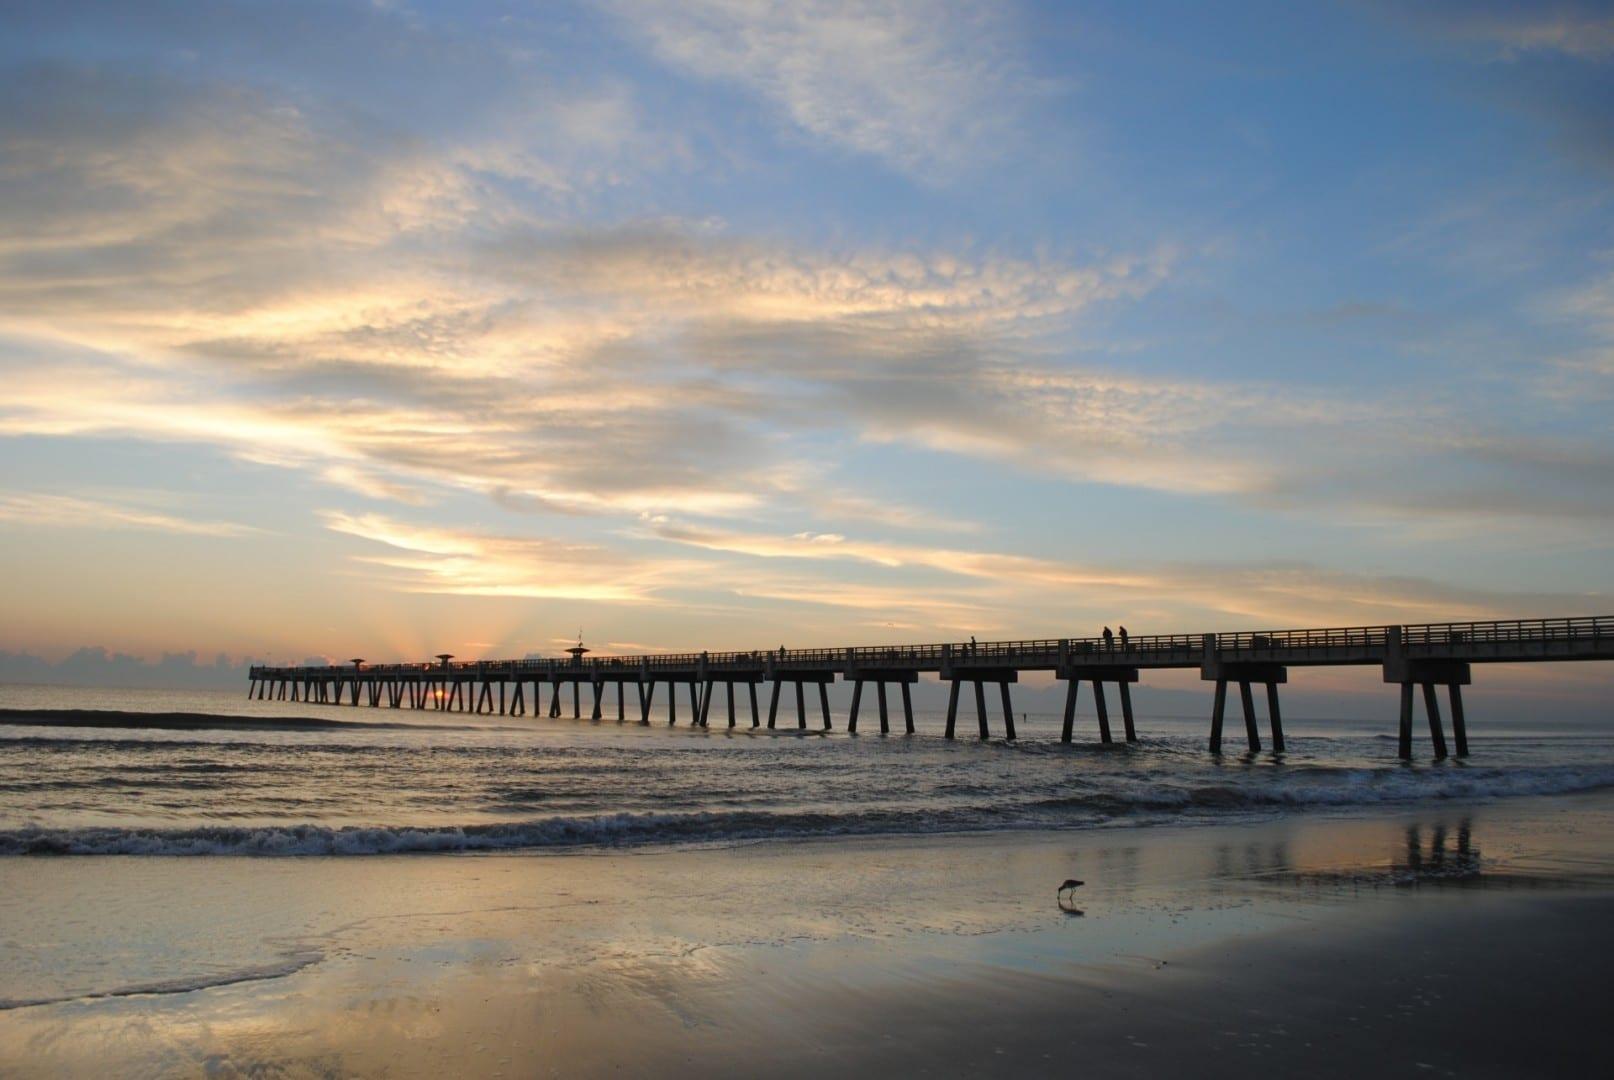 El muelle de la playa de Jacksonville Jacksonville (Florida) Estados Unidos